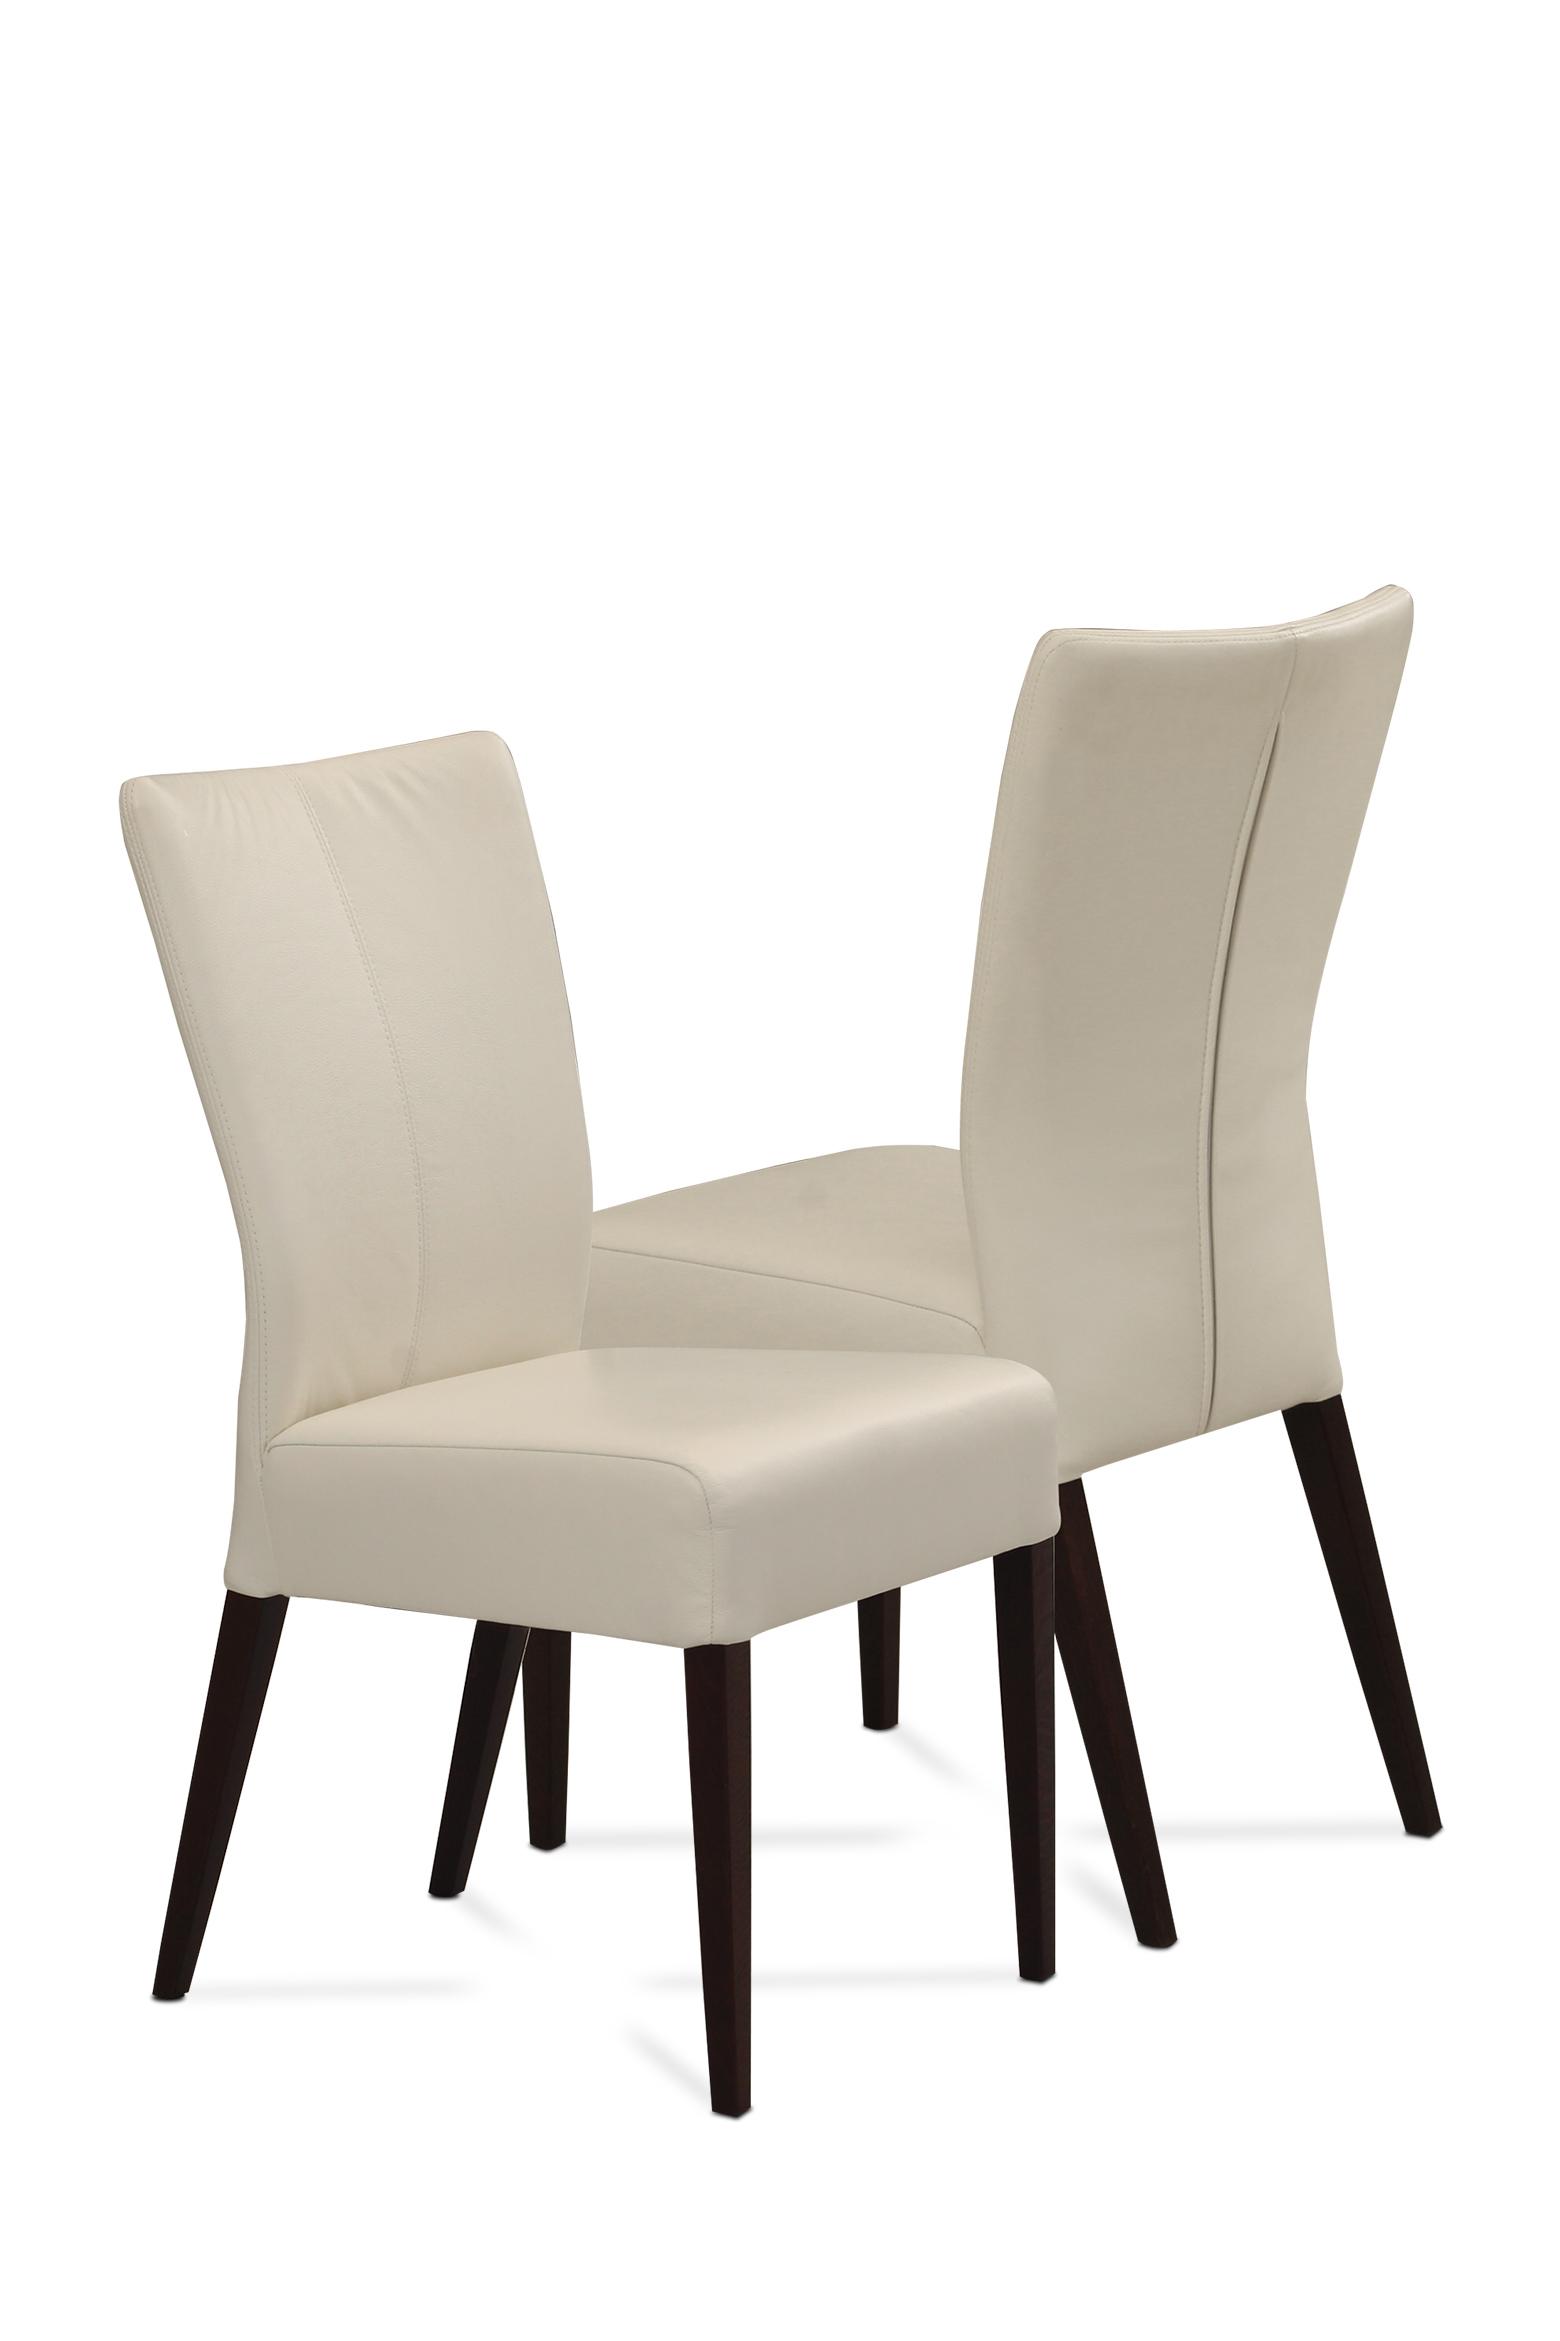 Romus Krzesło Z Drewna Dębowego Lub Bukowego Tapicerowane W Skórze